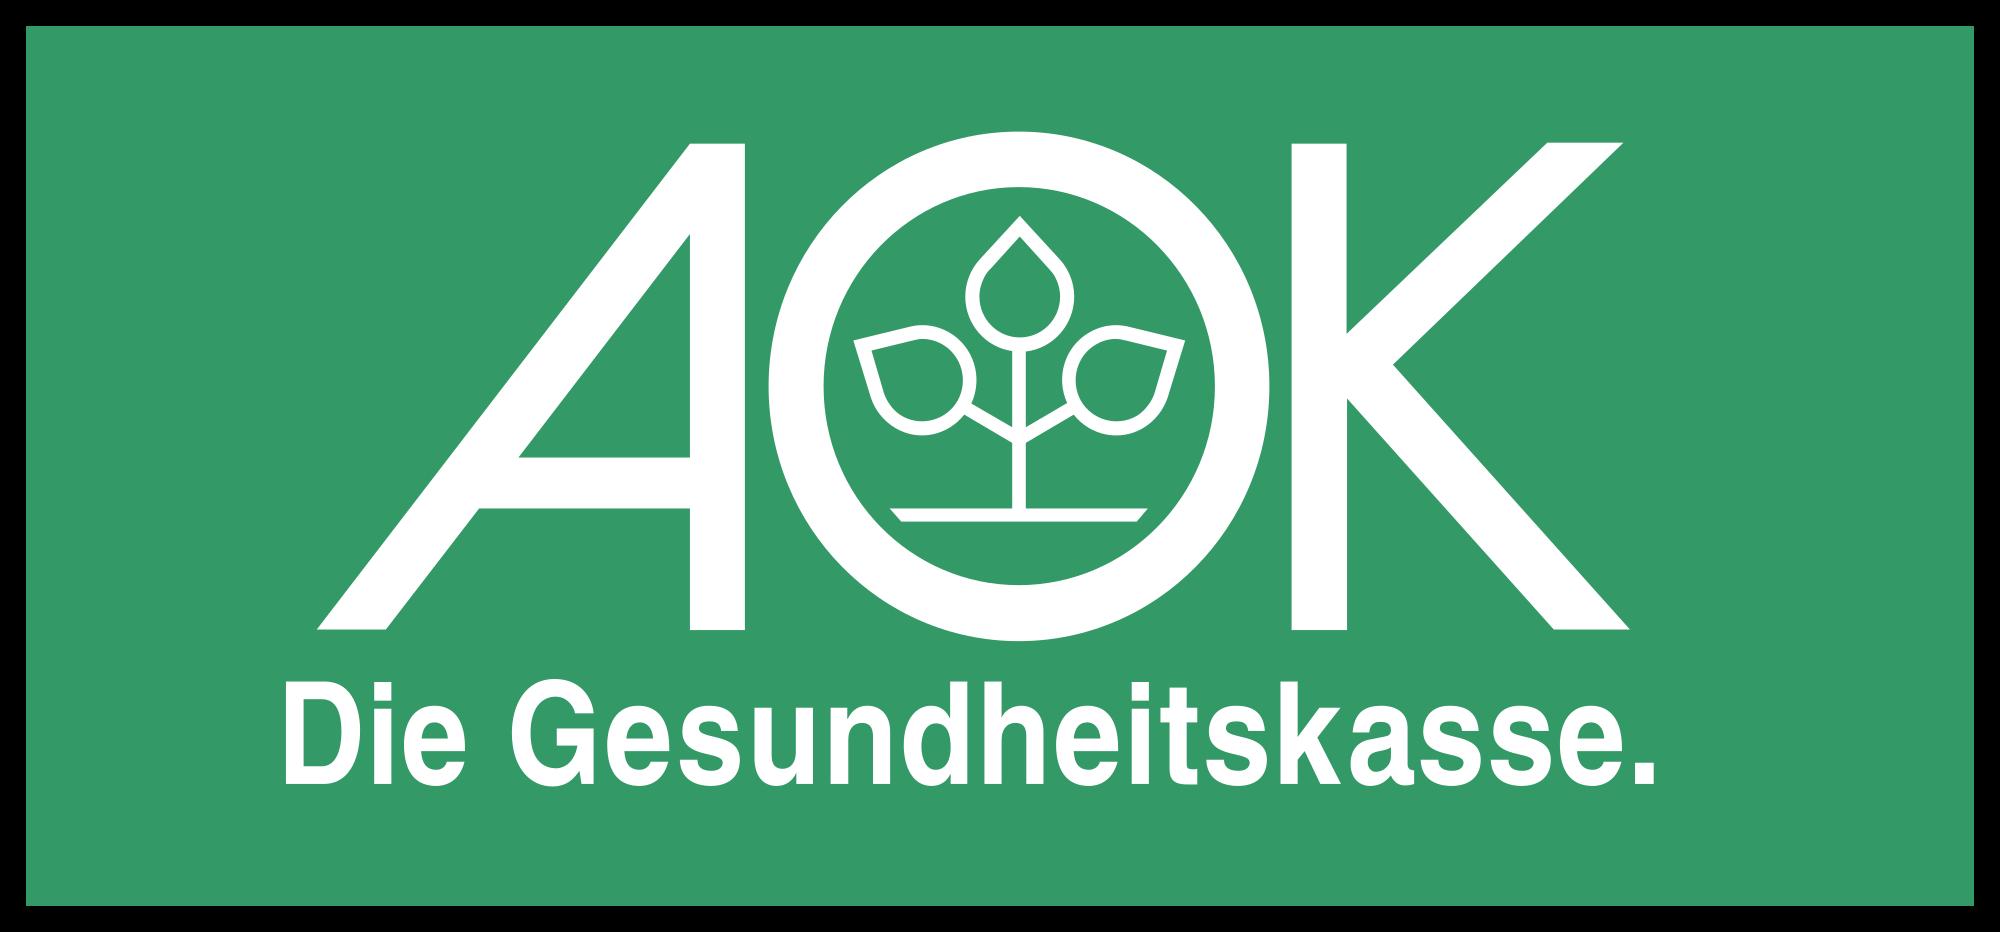 Sportmoderation für die AOK